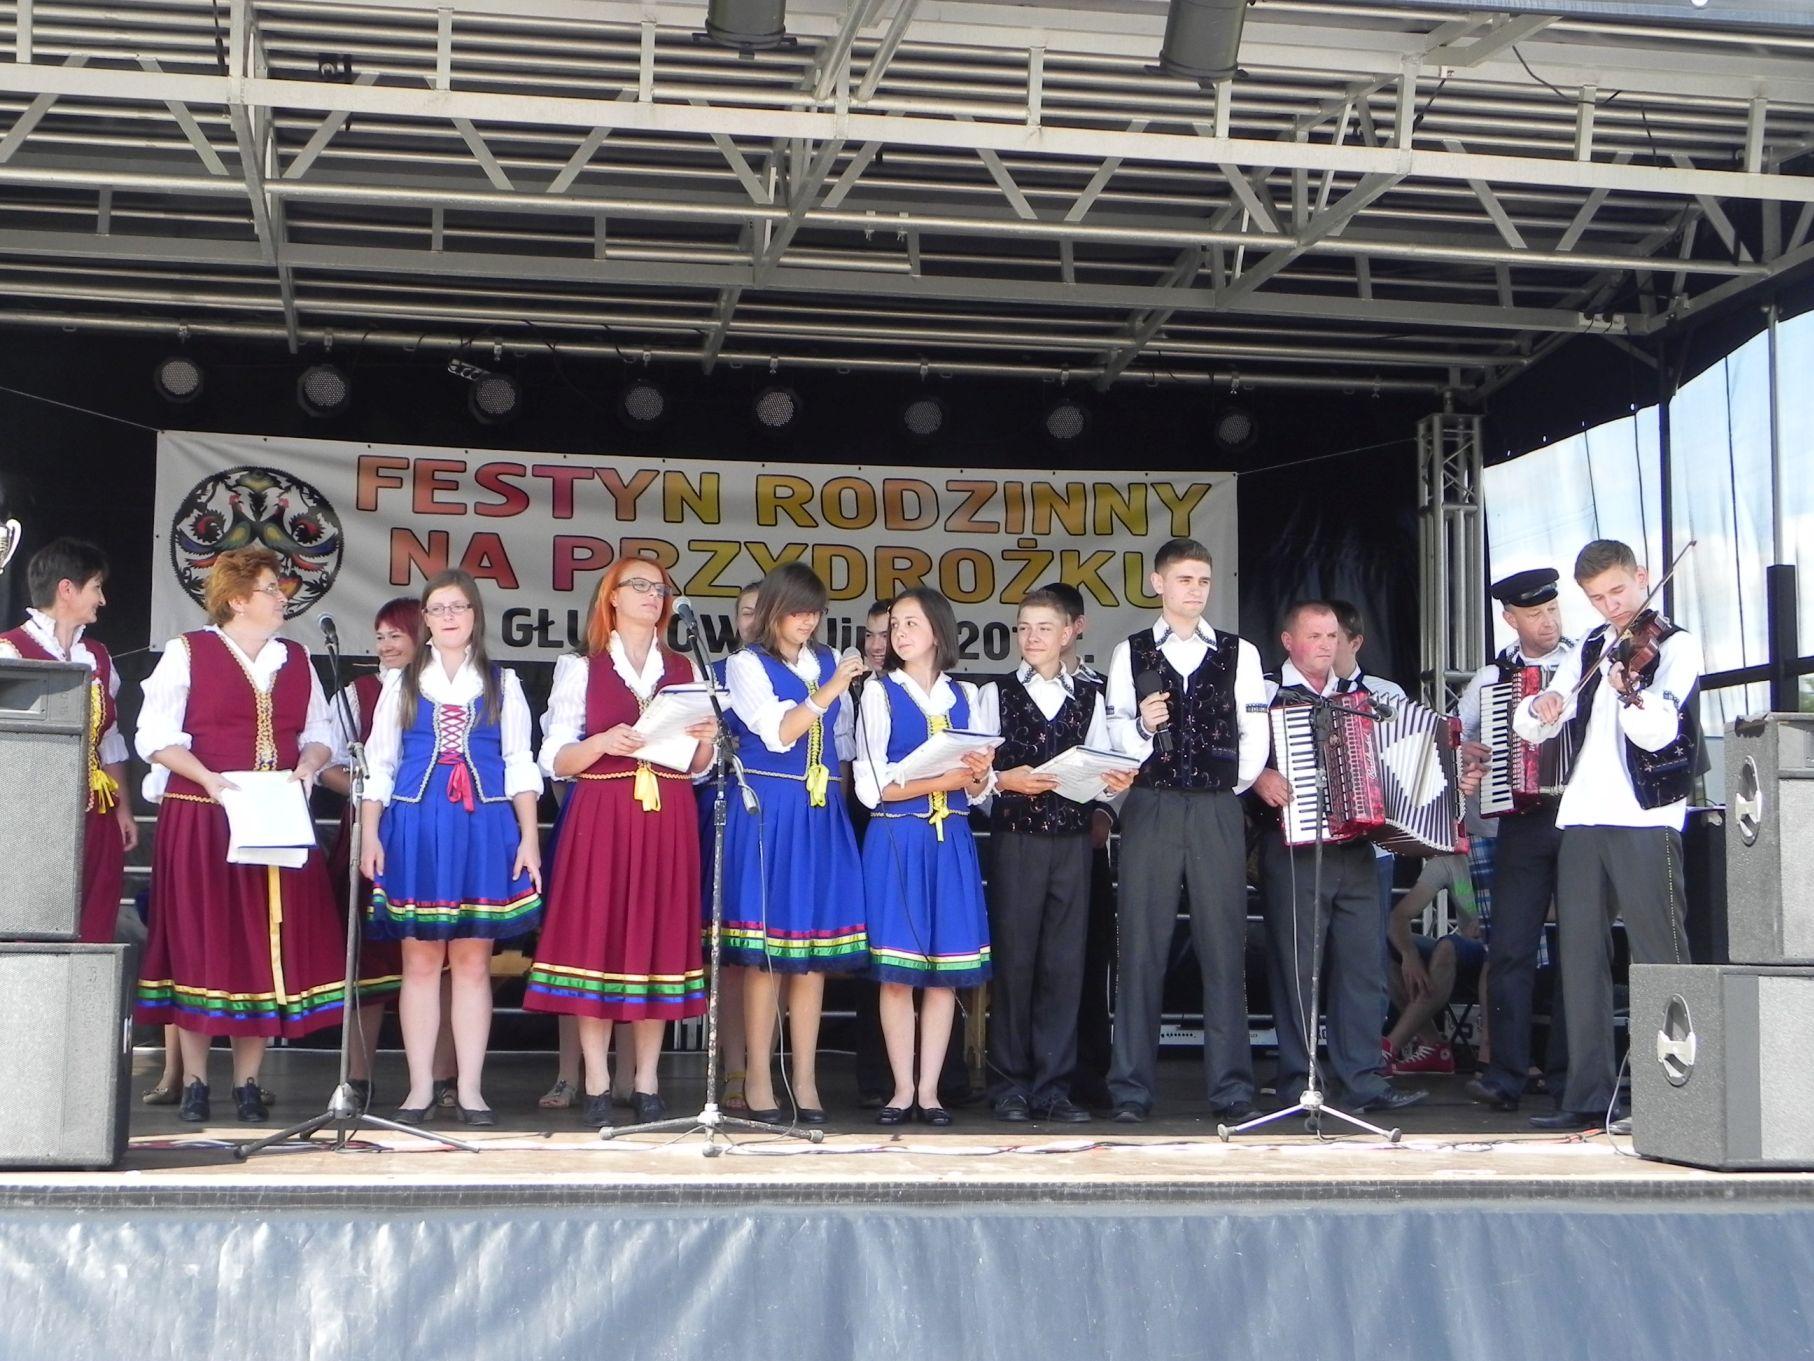 2013-07-07 Głuchów Festyn na Przydrożku (21)